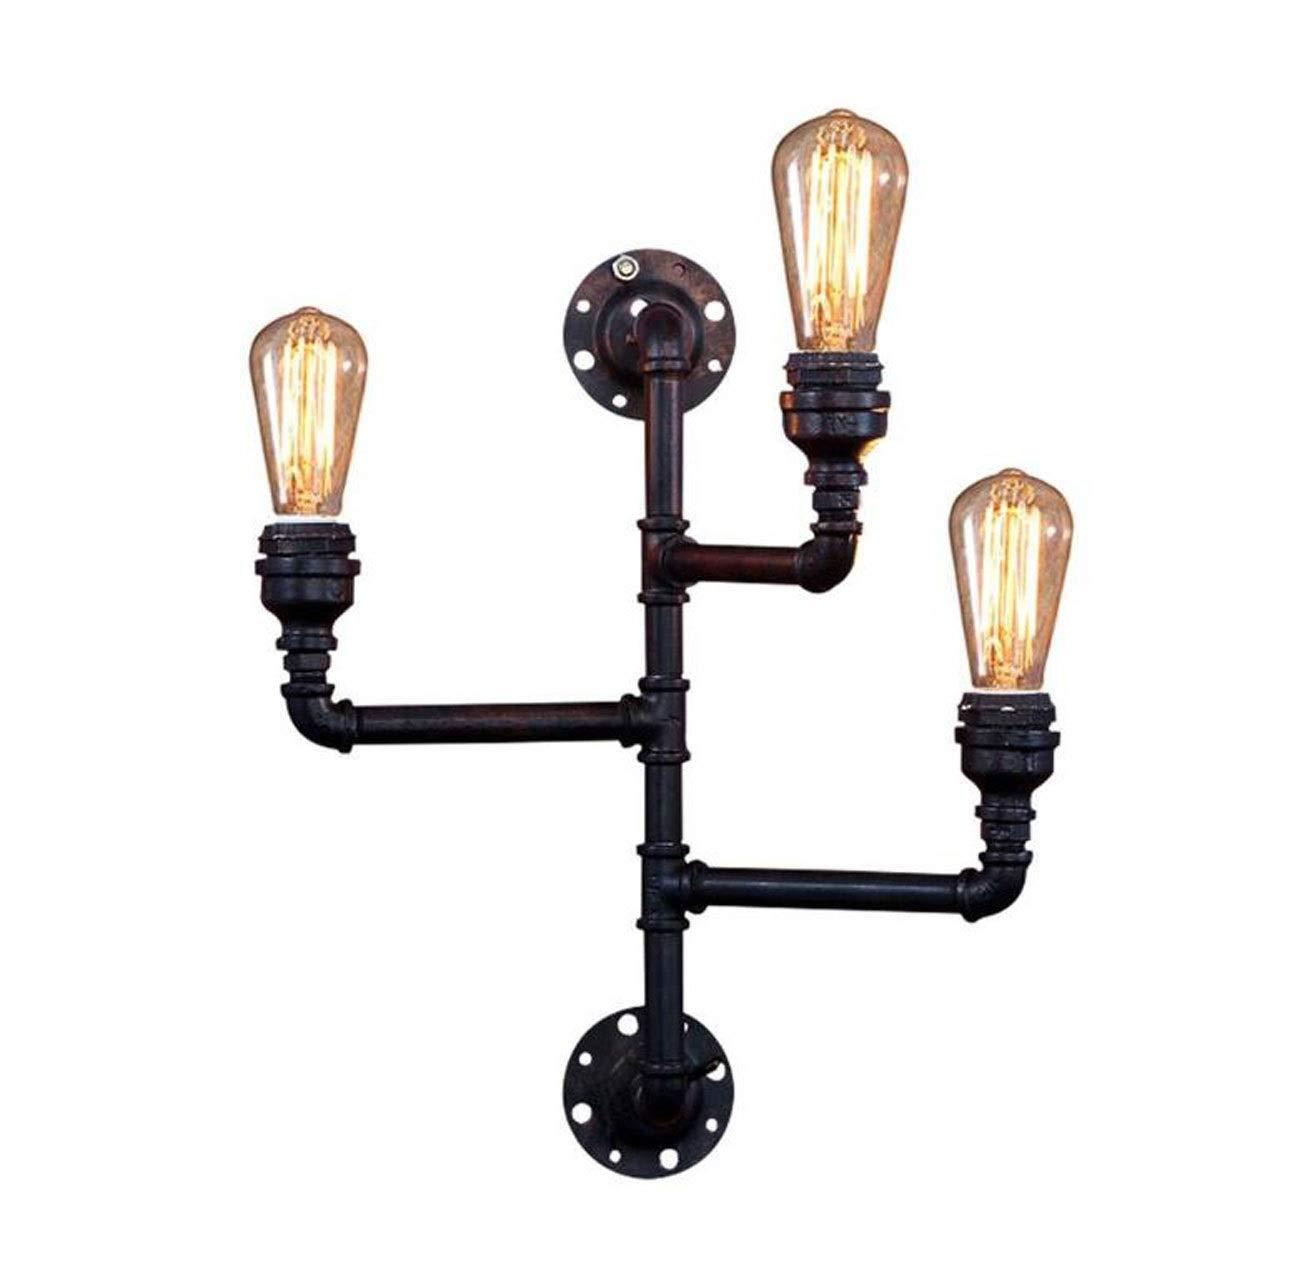 レトロな産業風パイプ壁の燭台ランプアメリカの創造的人格ノスタルジックな鉄のロフトカフェバーカフェ装飾ランプライトE27   B07T67TP6M